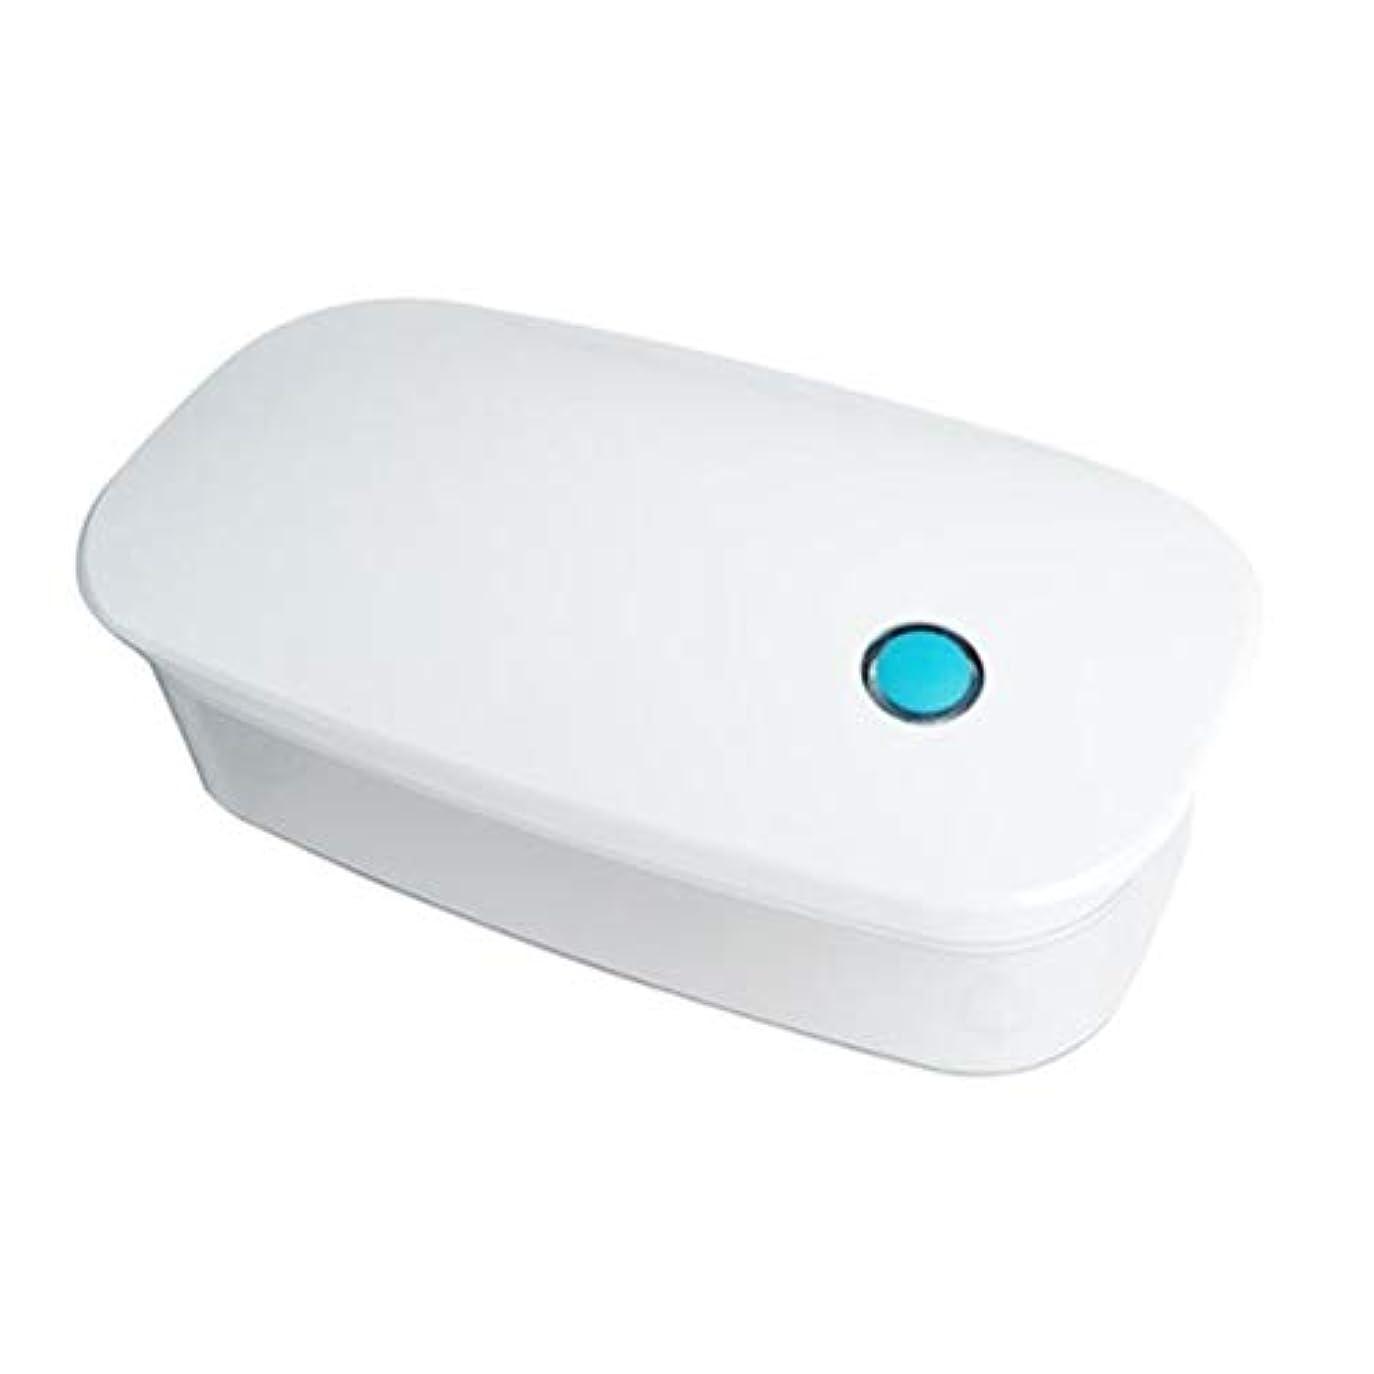 誰レスリングマイナーHeallily コンタクトレンズ滅菌ケースコンタクトレンズクリーニング用ポータブルUV電気消毒ケースホルダー(ホワイト)